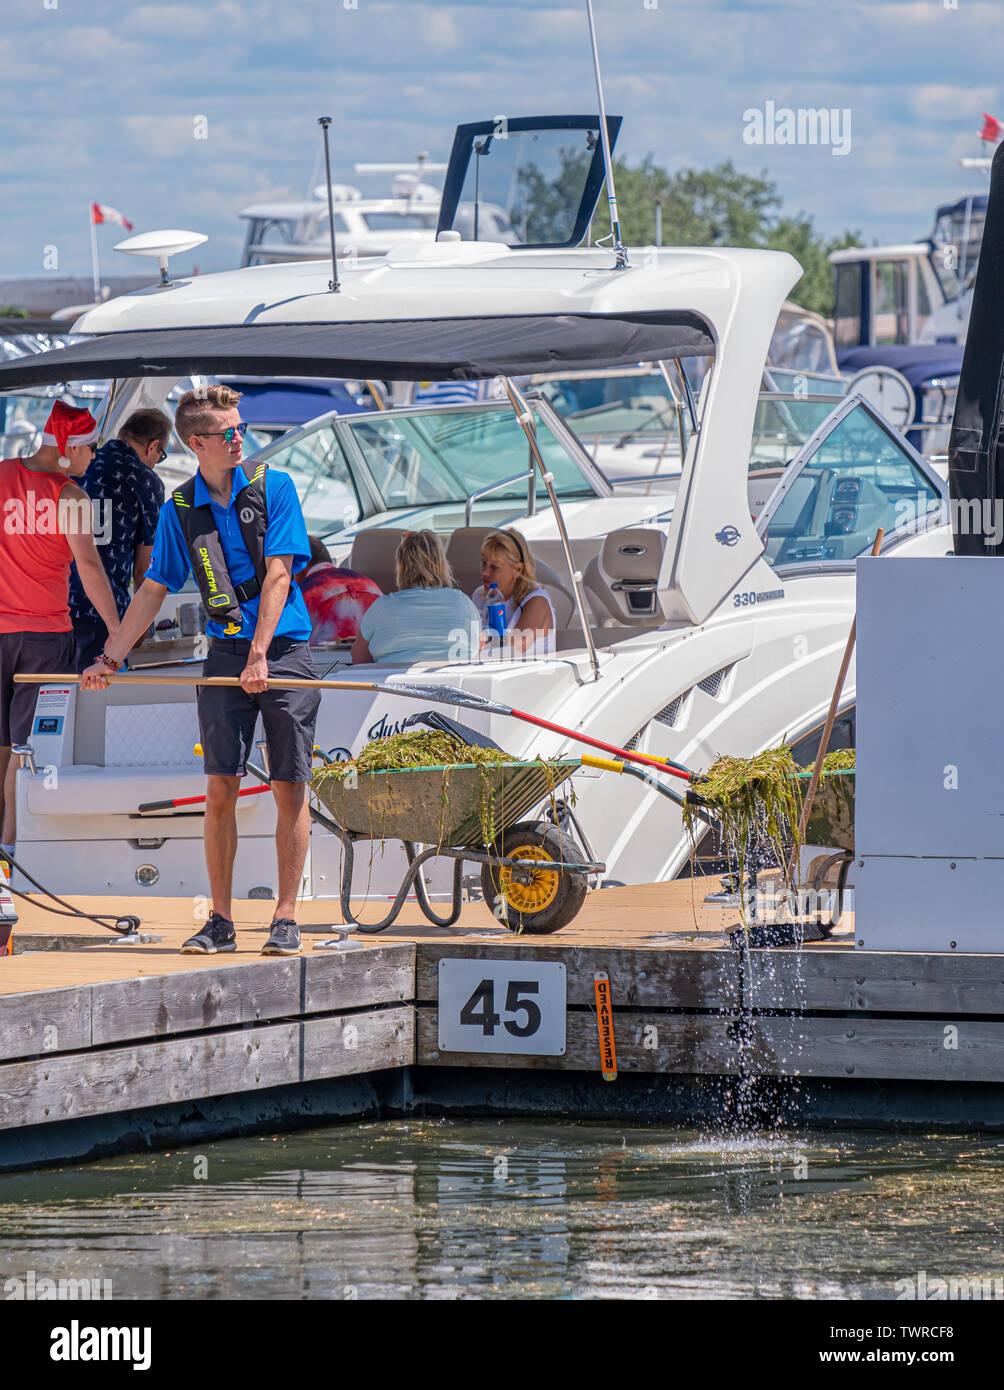 Joven trabajador masculino borra las malas hierbas de los resbalones del barco en el puerto de Orillia para impedir que las hélices del barco de ser intercambiadas. Foto de stock